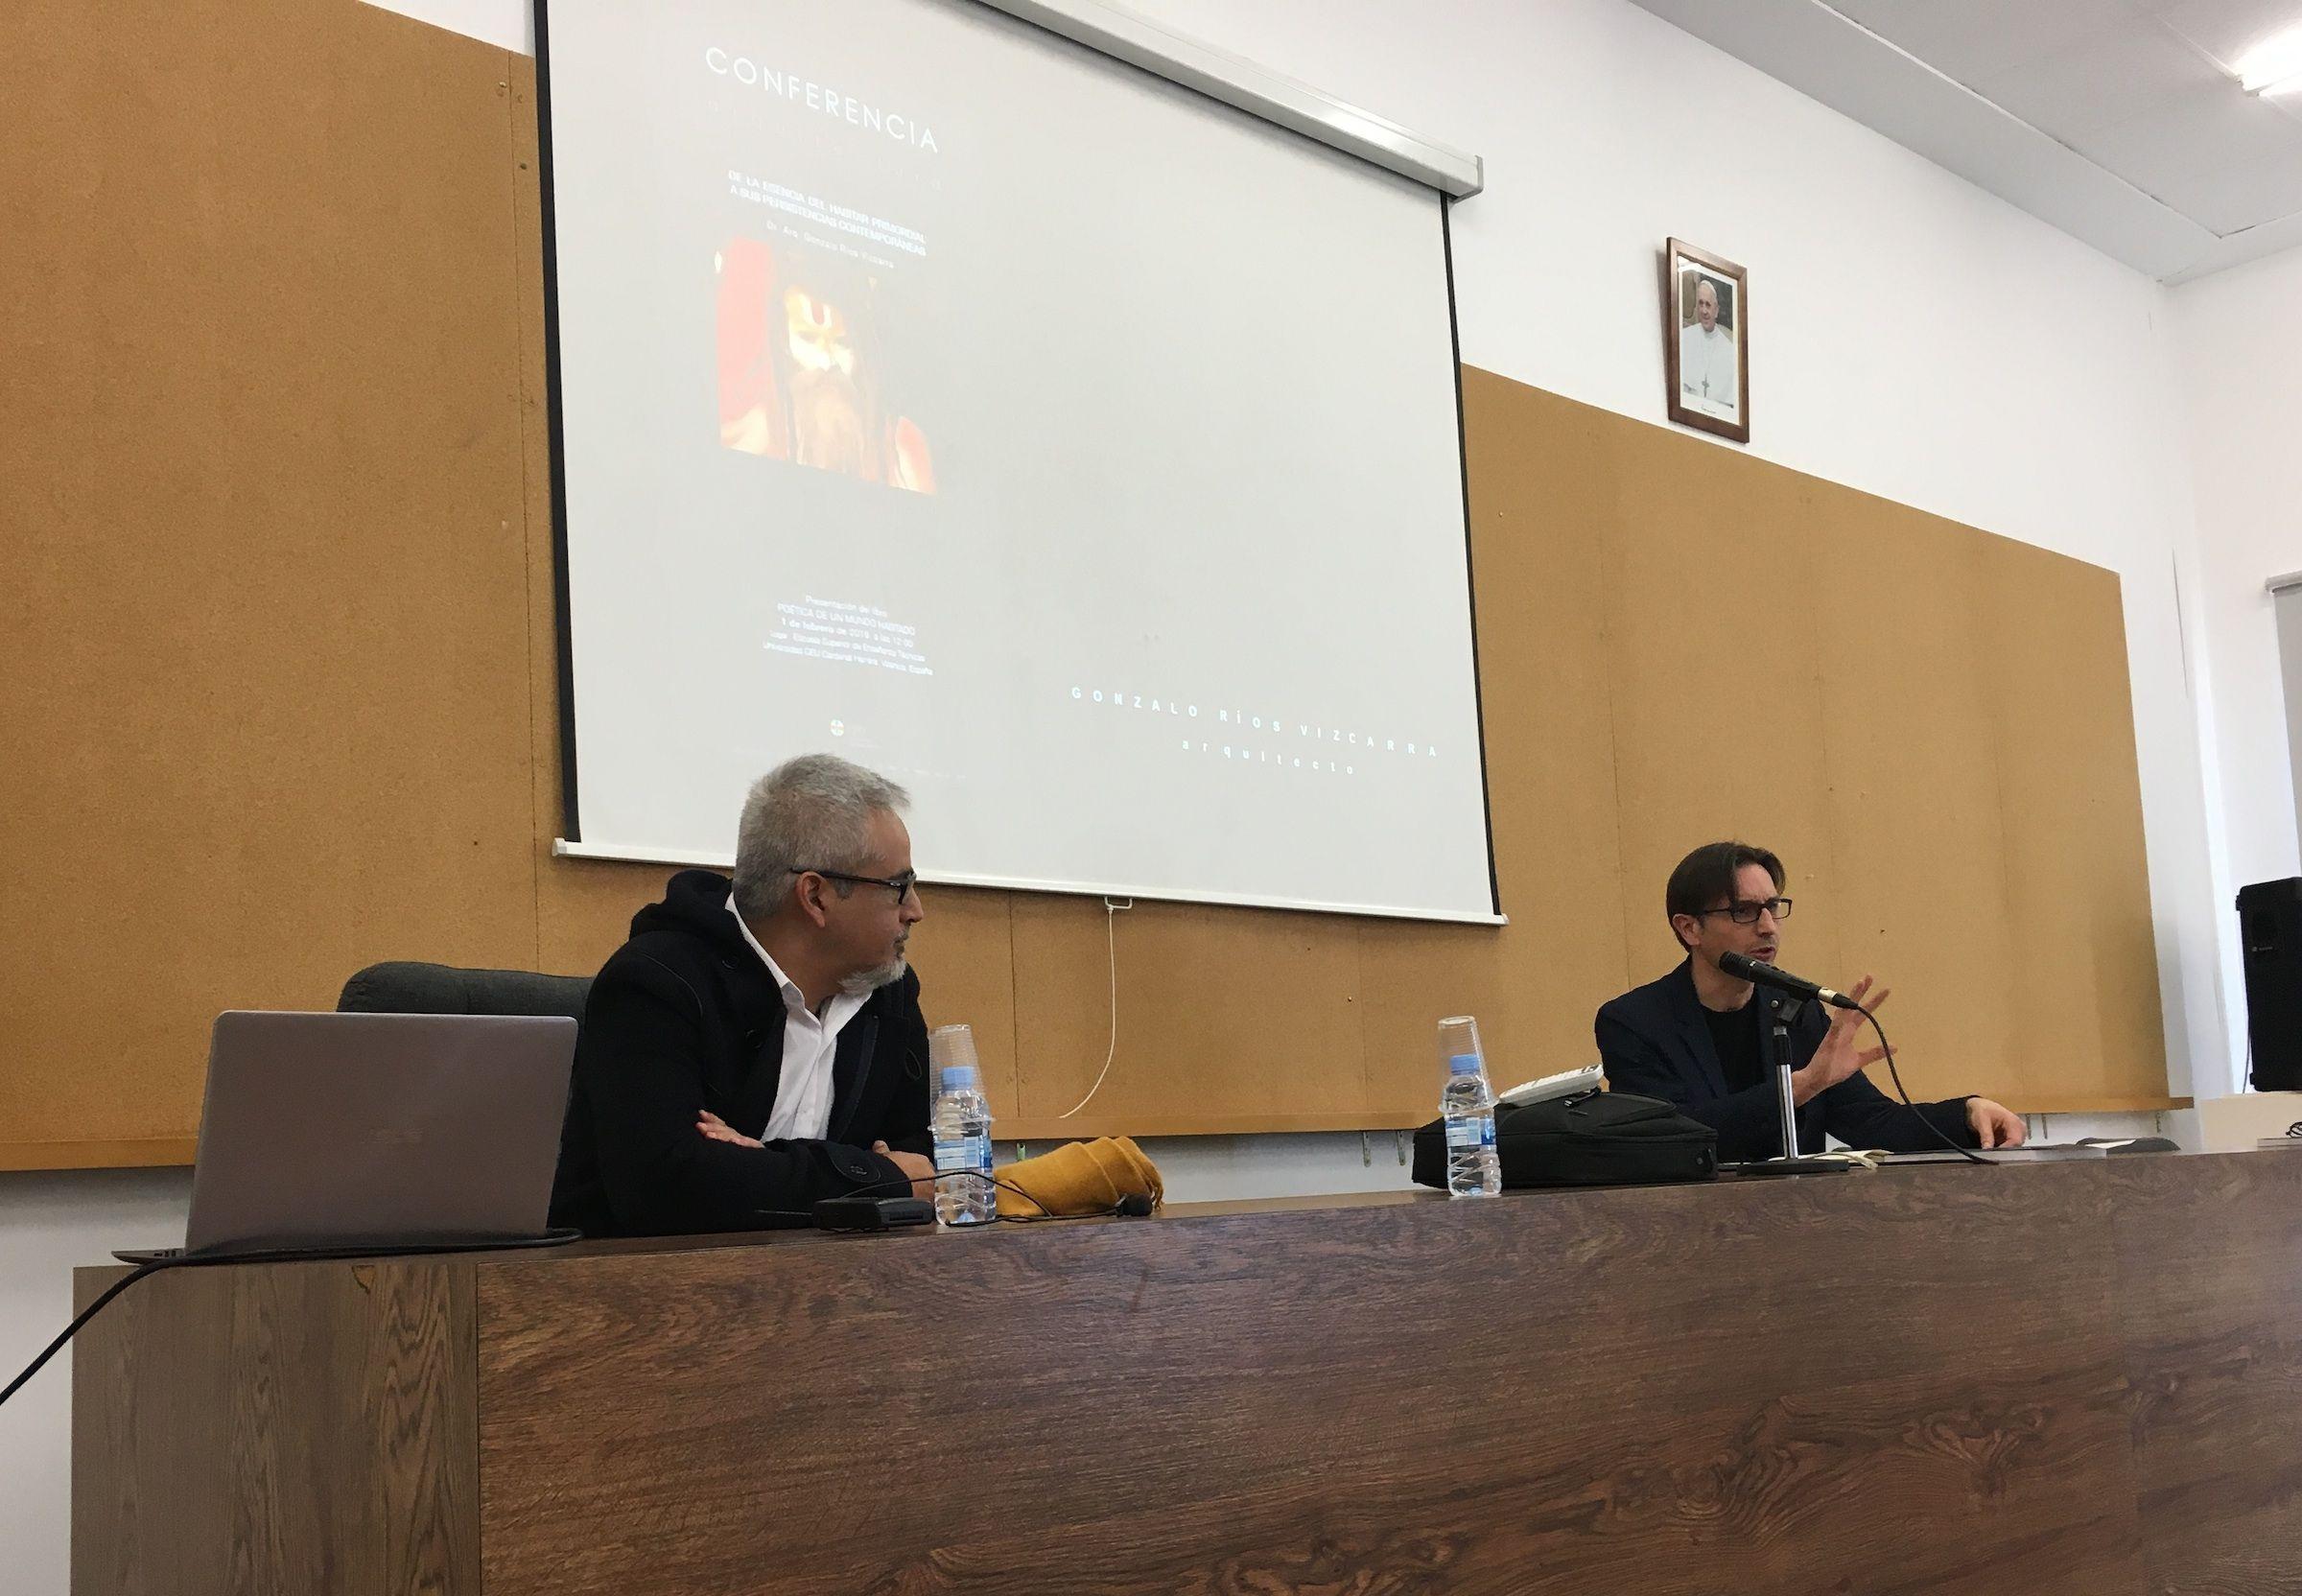 El arquitecto peruano Gonzalo Ríos y el profesor Andrés Ros, durante la presentación del libro en la CEU UCH.